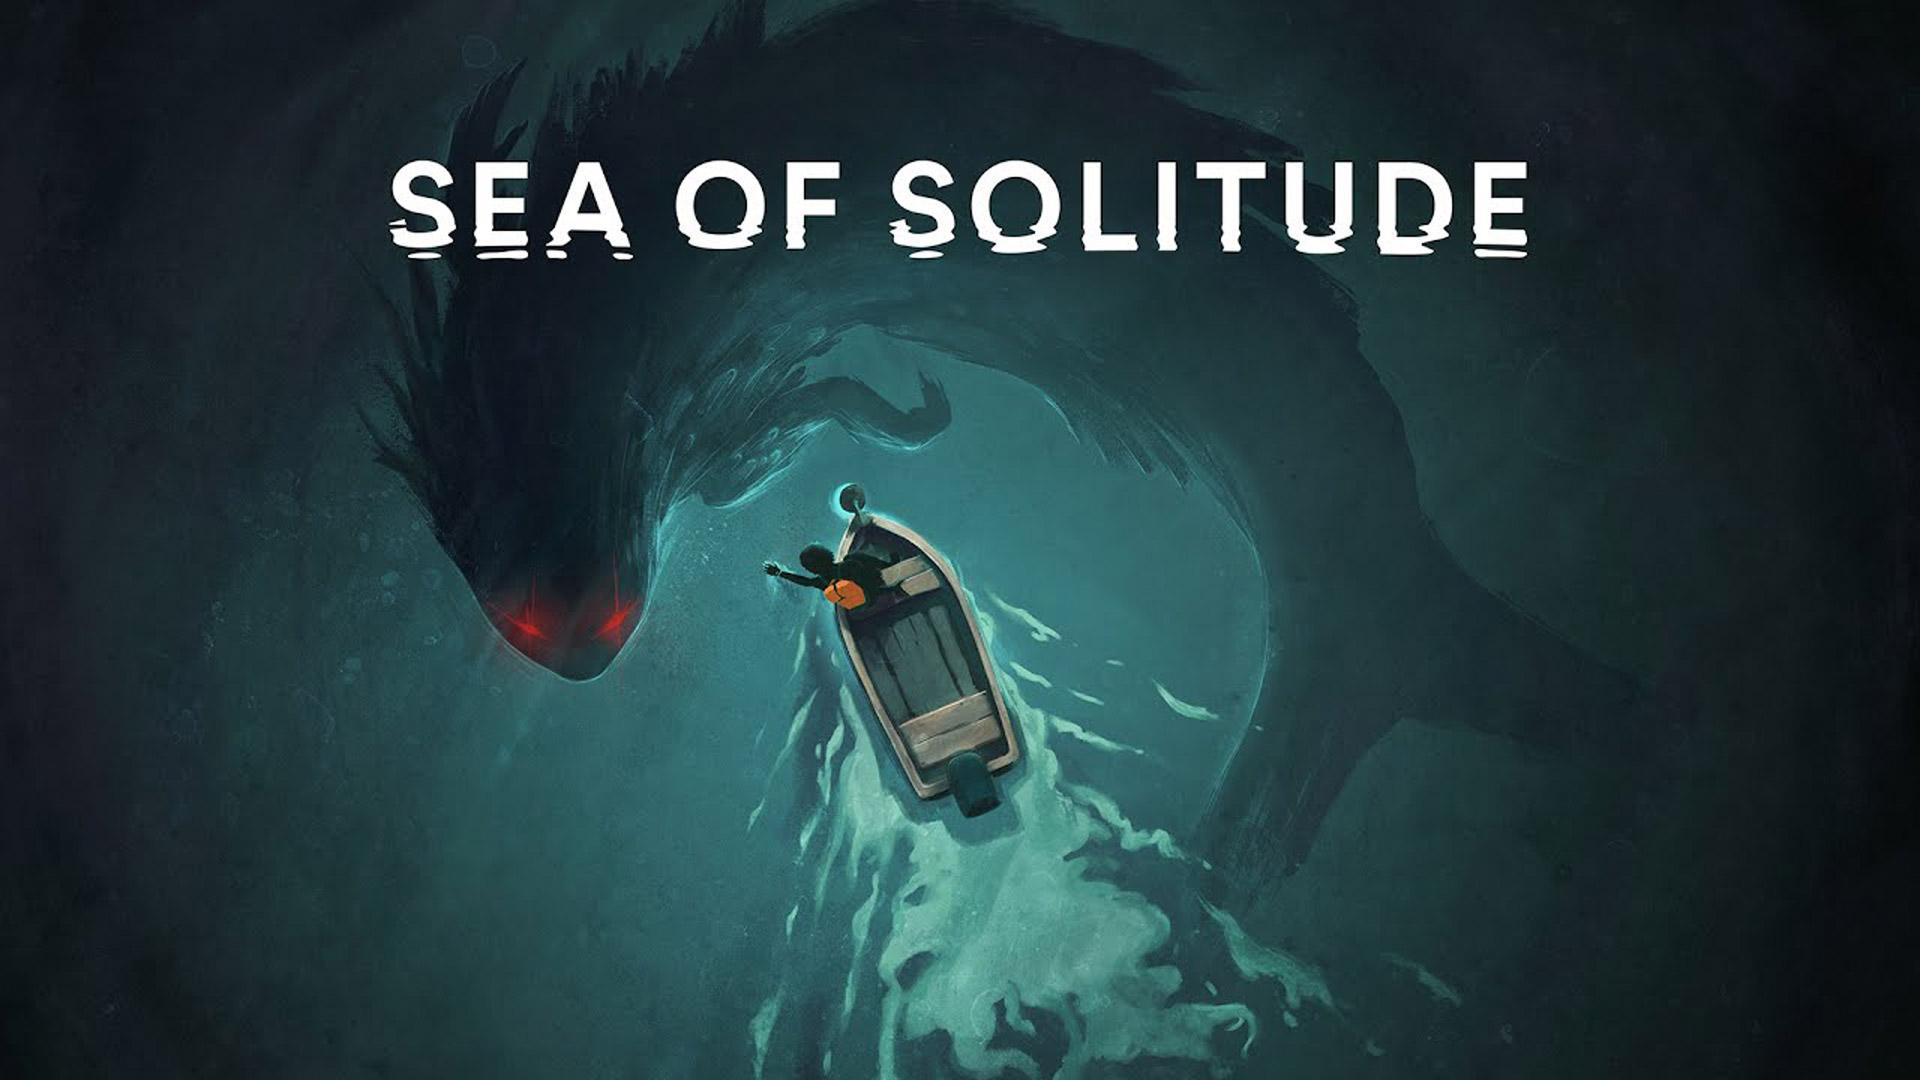 Sea of Solitude Wallpaper in 1920x1080